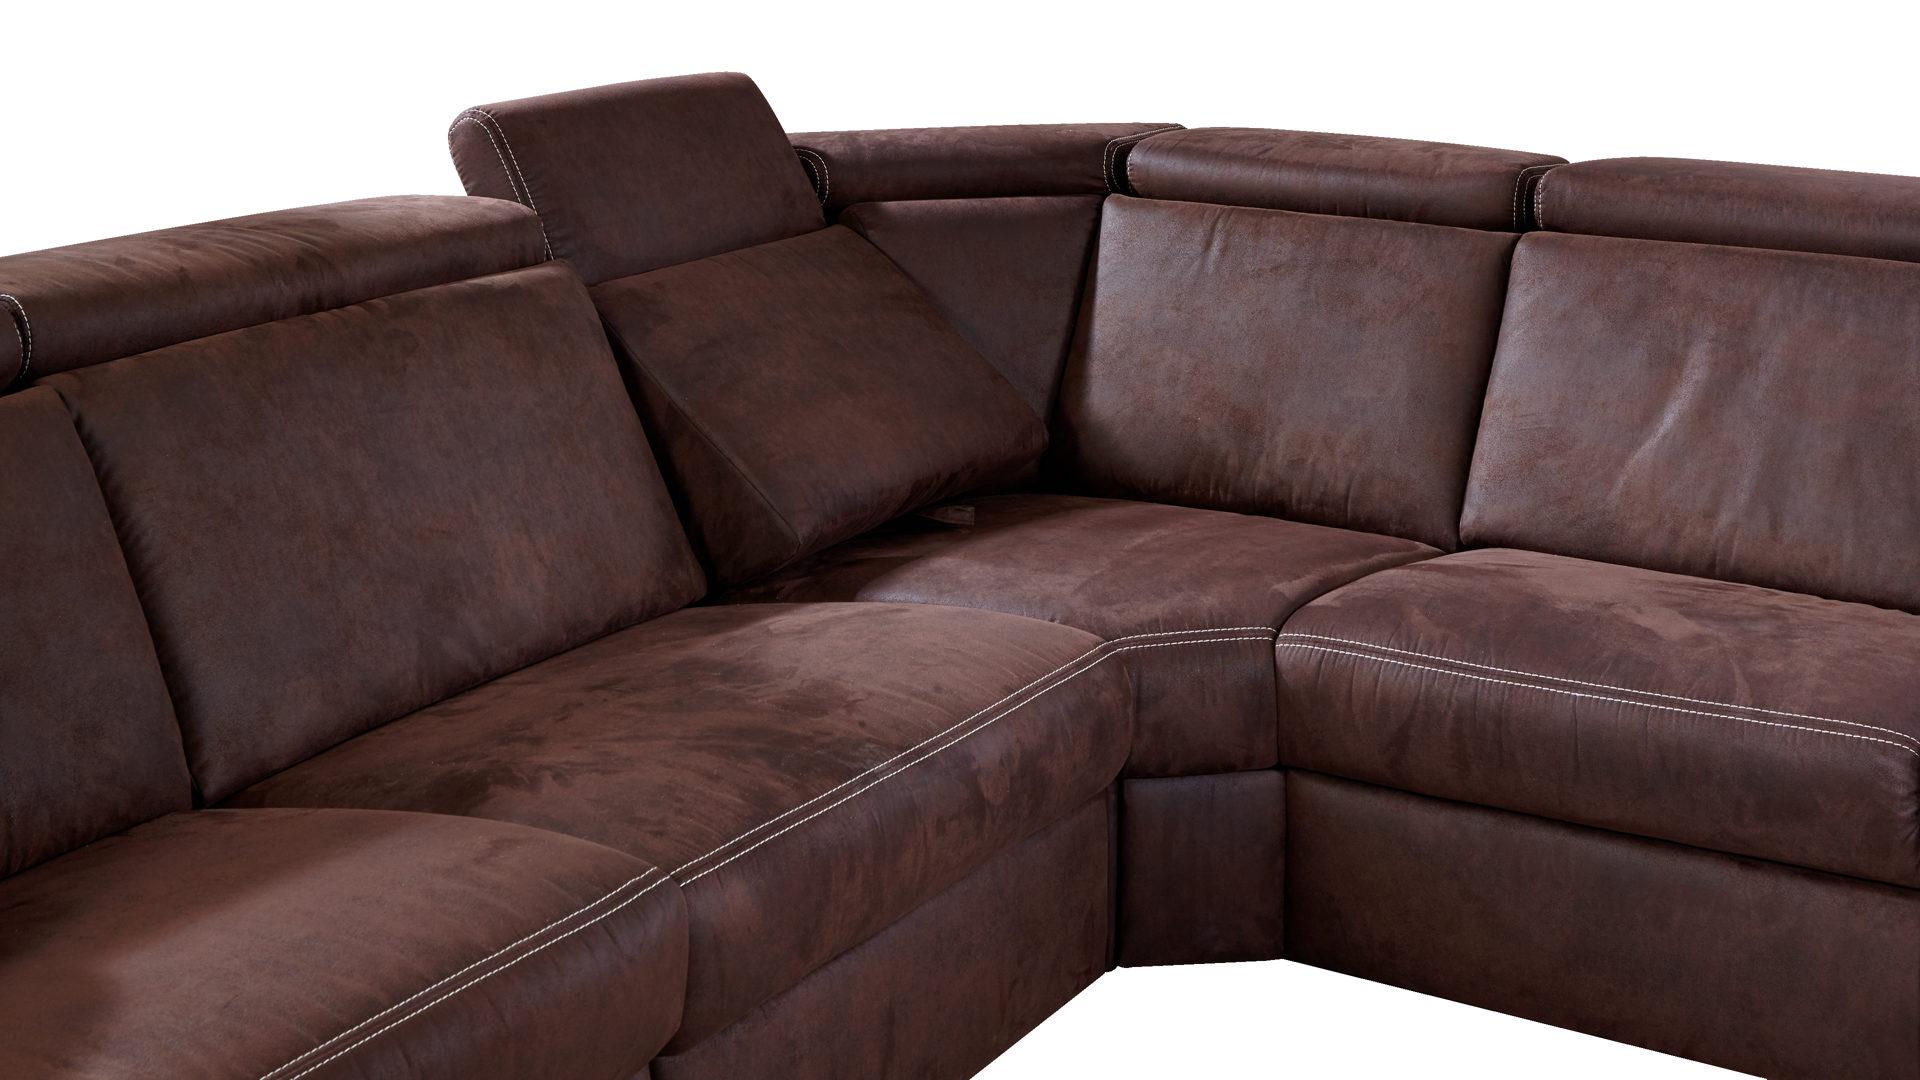 Polstermöbel Färben wohnland breitwieser markenshops couches sofas modulmaster